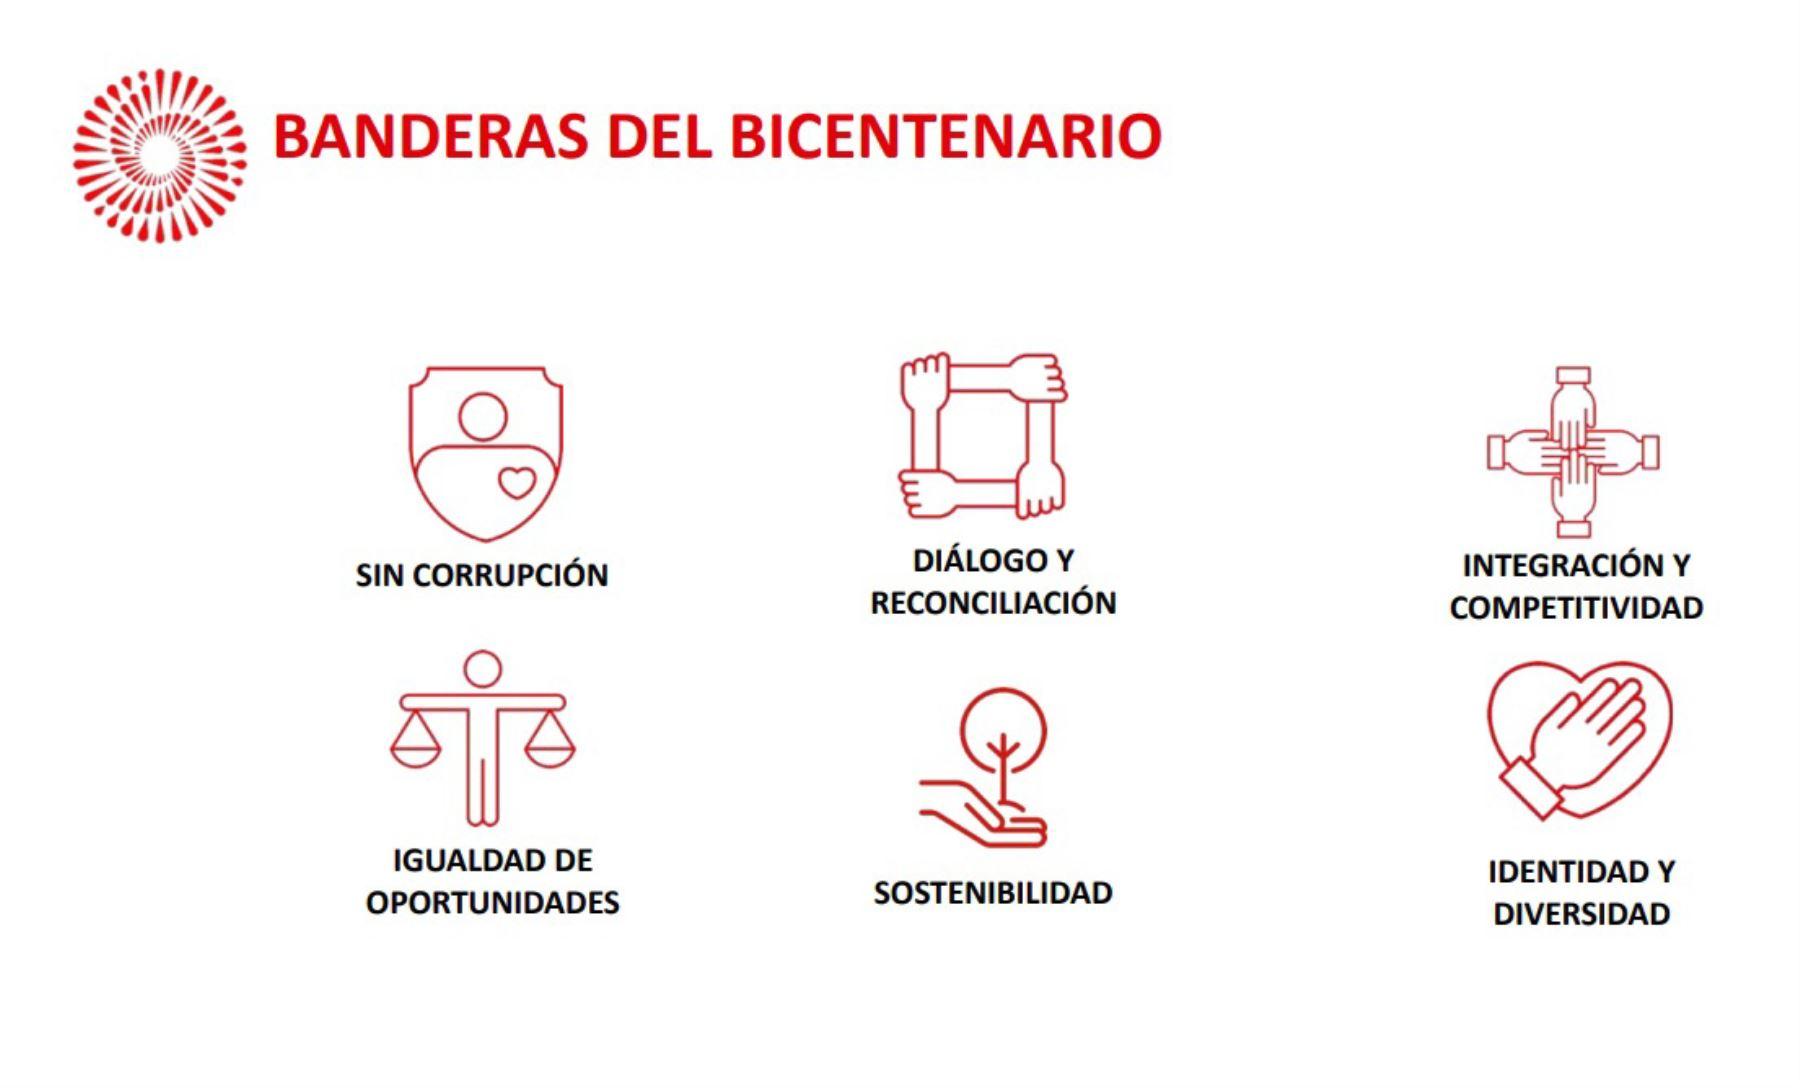 """Bicentenario: estas son las """"banderas"""" o grandes objetivos al 2021"""